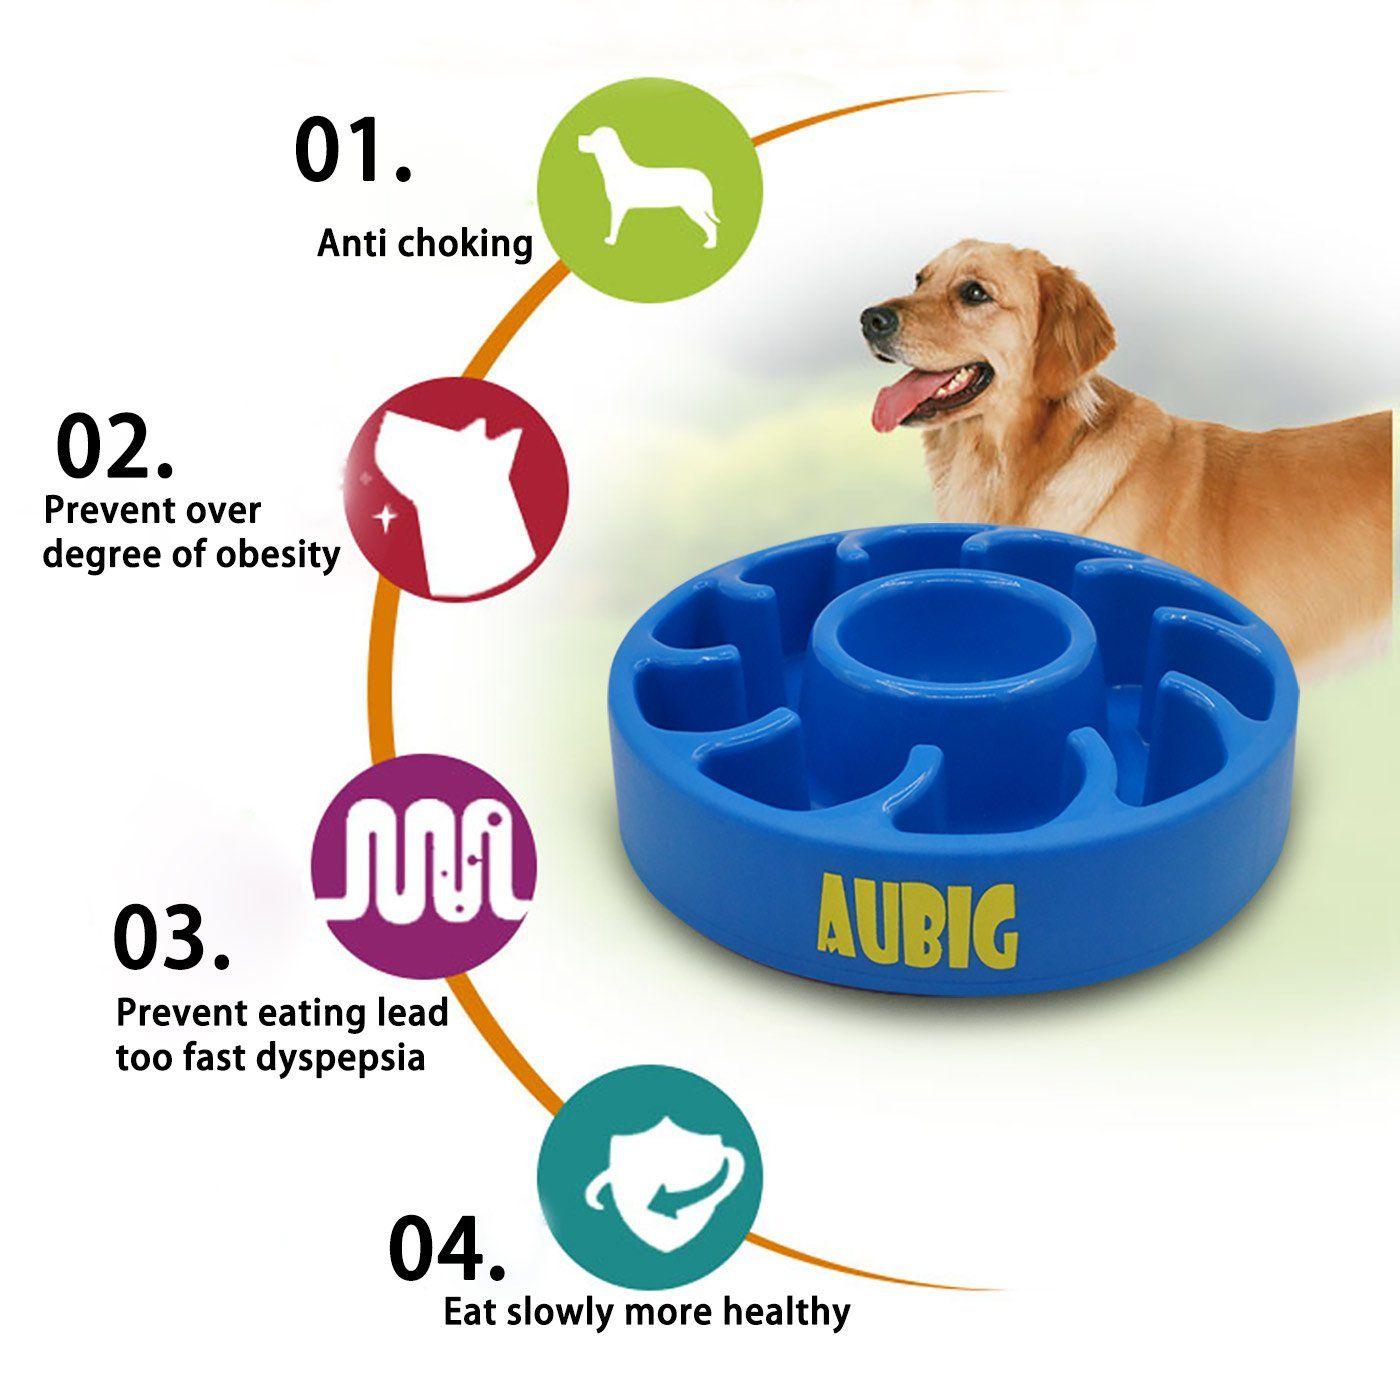 Aubig Slow Feeder Bowl Pet Fun Feeder Dog Bowl Antichoke Bloat